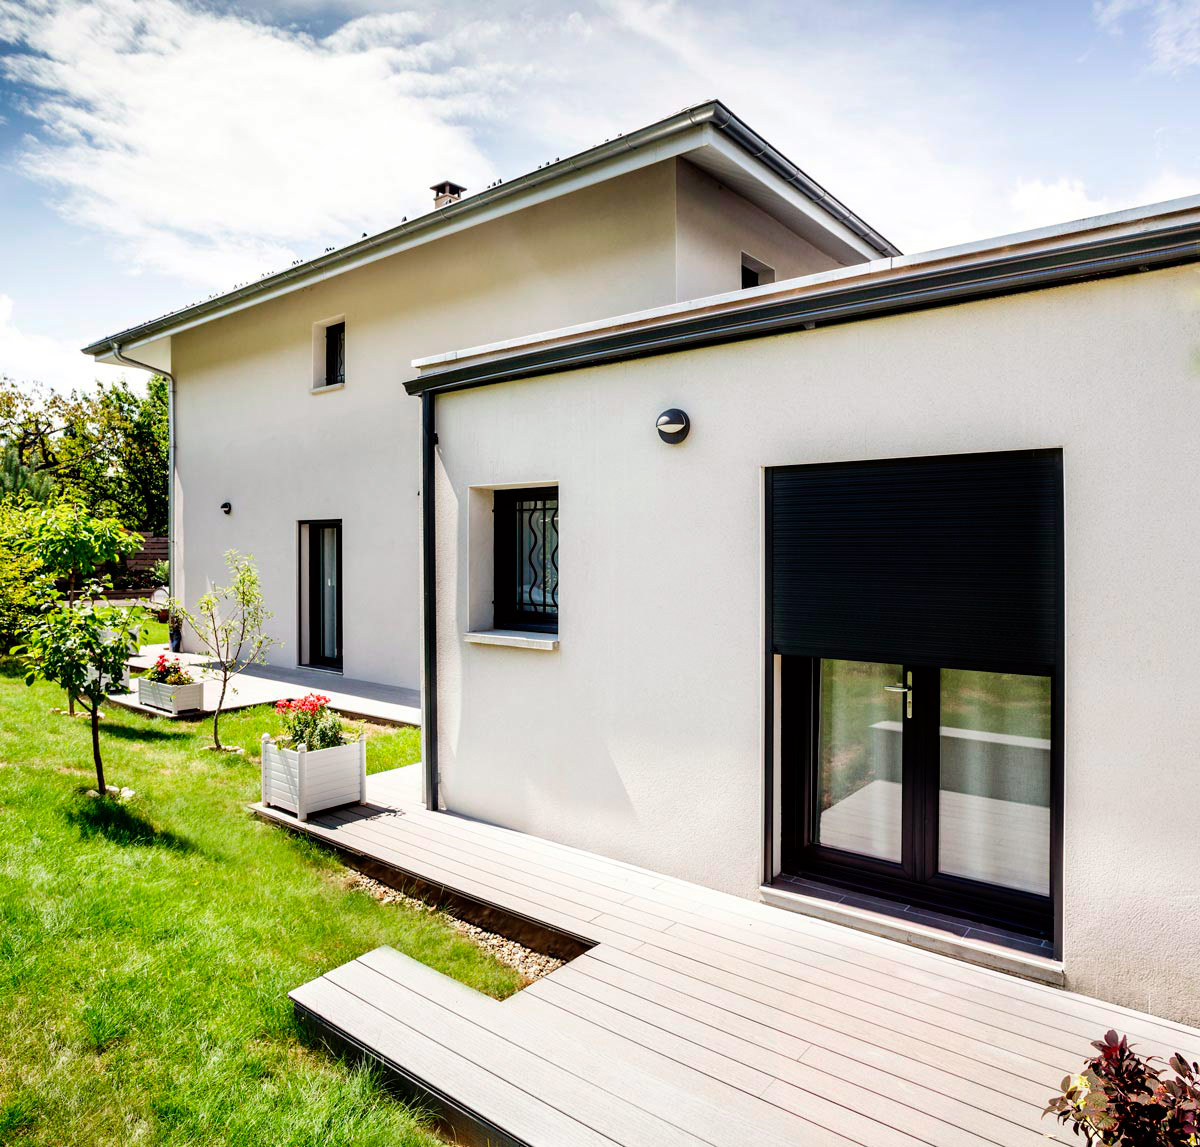 Constructeur haute savoie annecy maisons optimales for Constructeur maison haute savoie